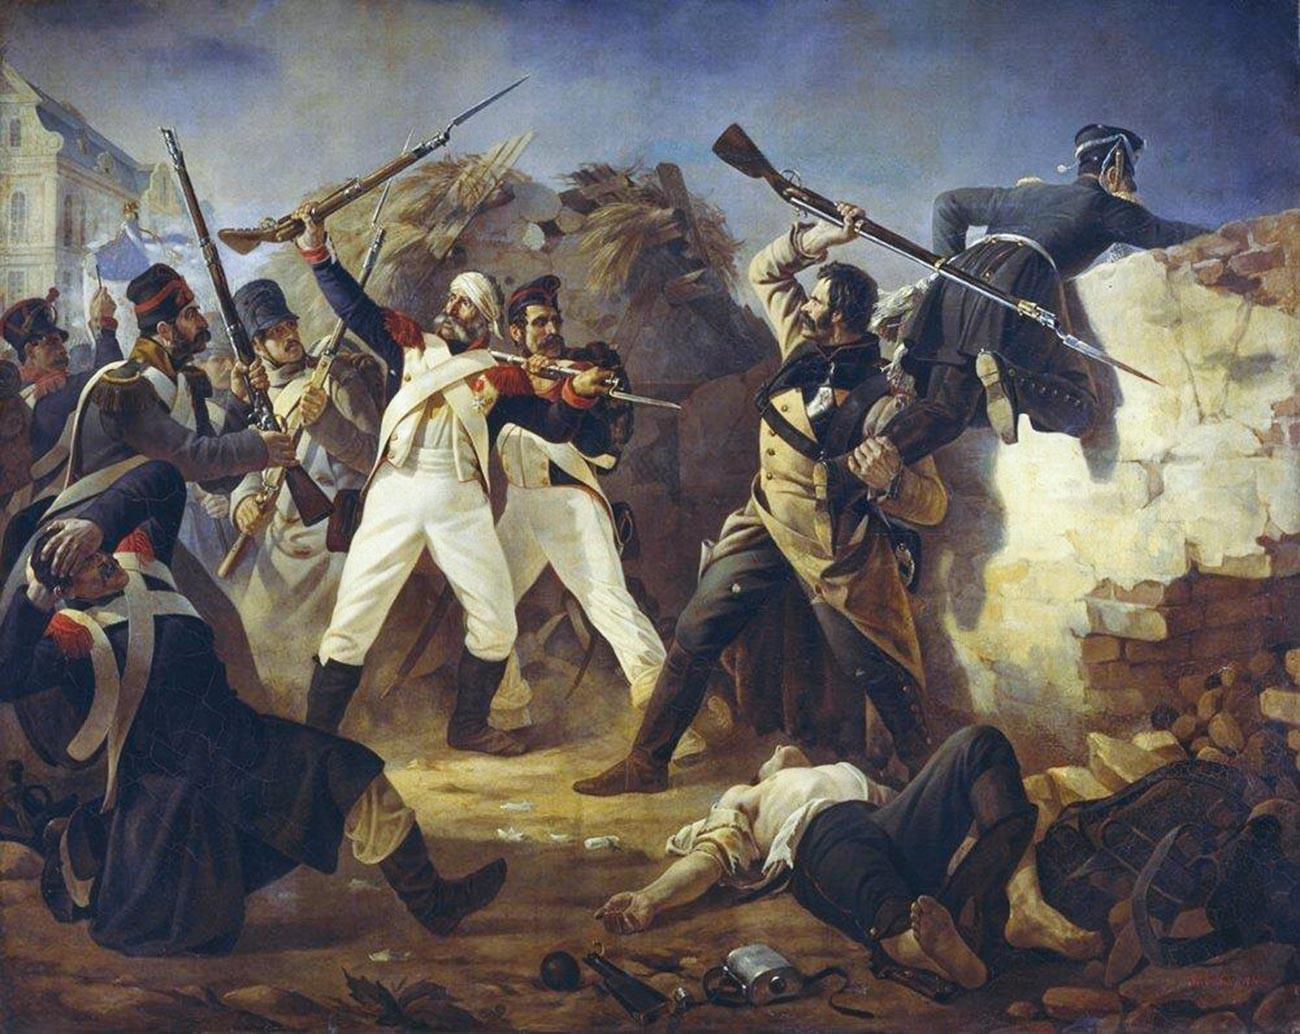 Подвигът на гренадира на императорската гвардия на финландския полк Леонтий Коренной в битката при Лайпциг през 1813 г.